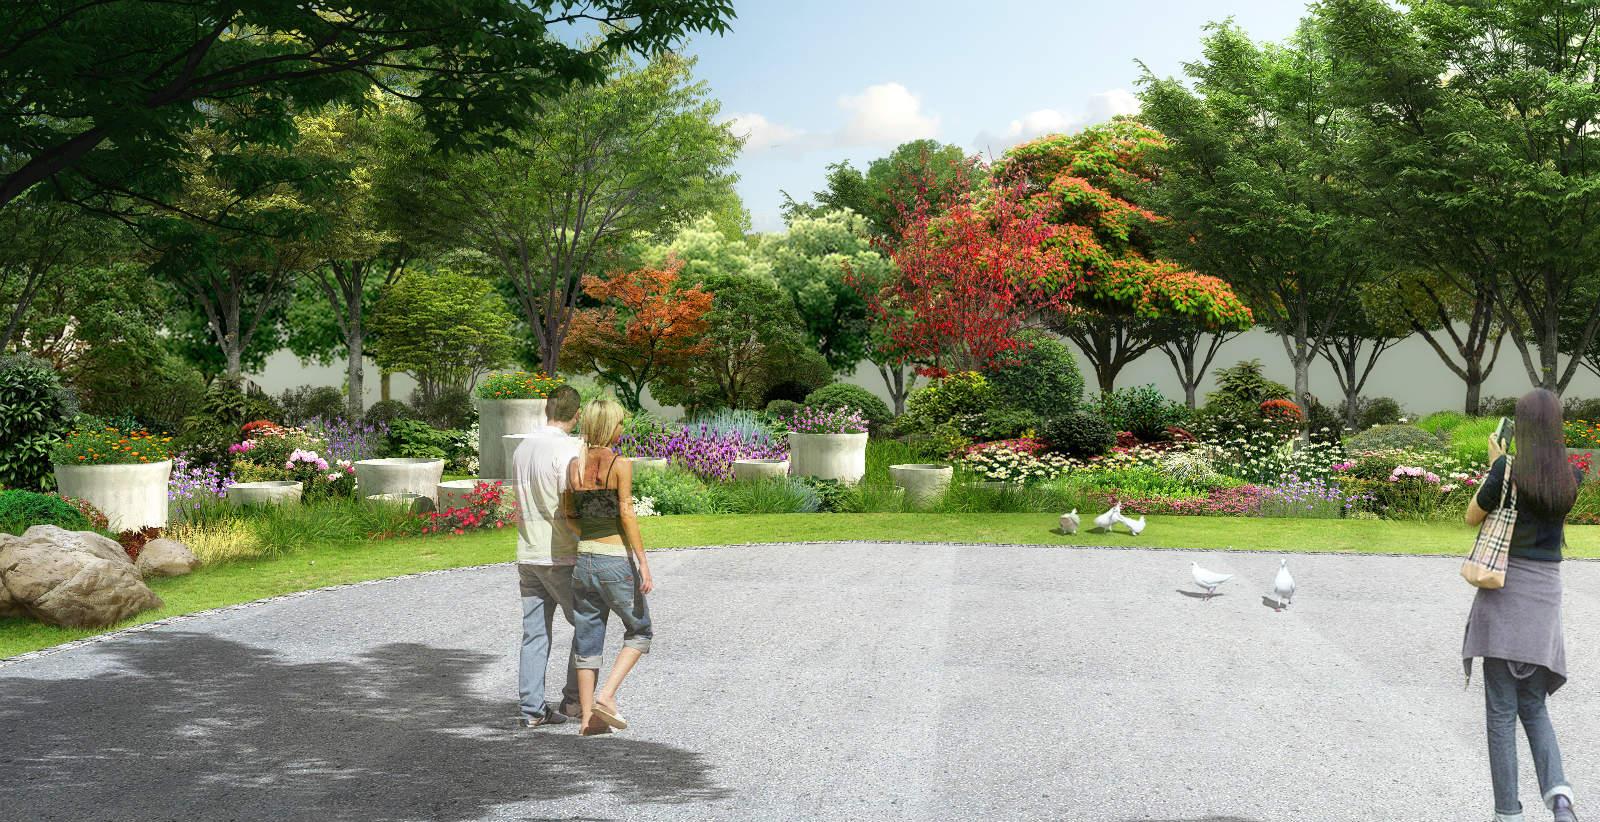 雨水花园-海绵城市理论与运用实践初探图片